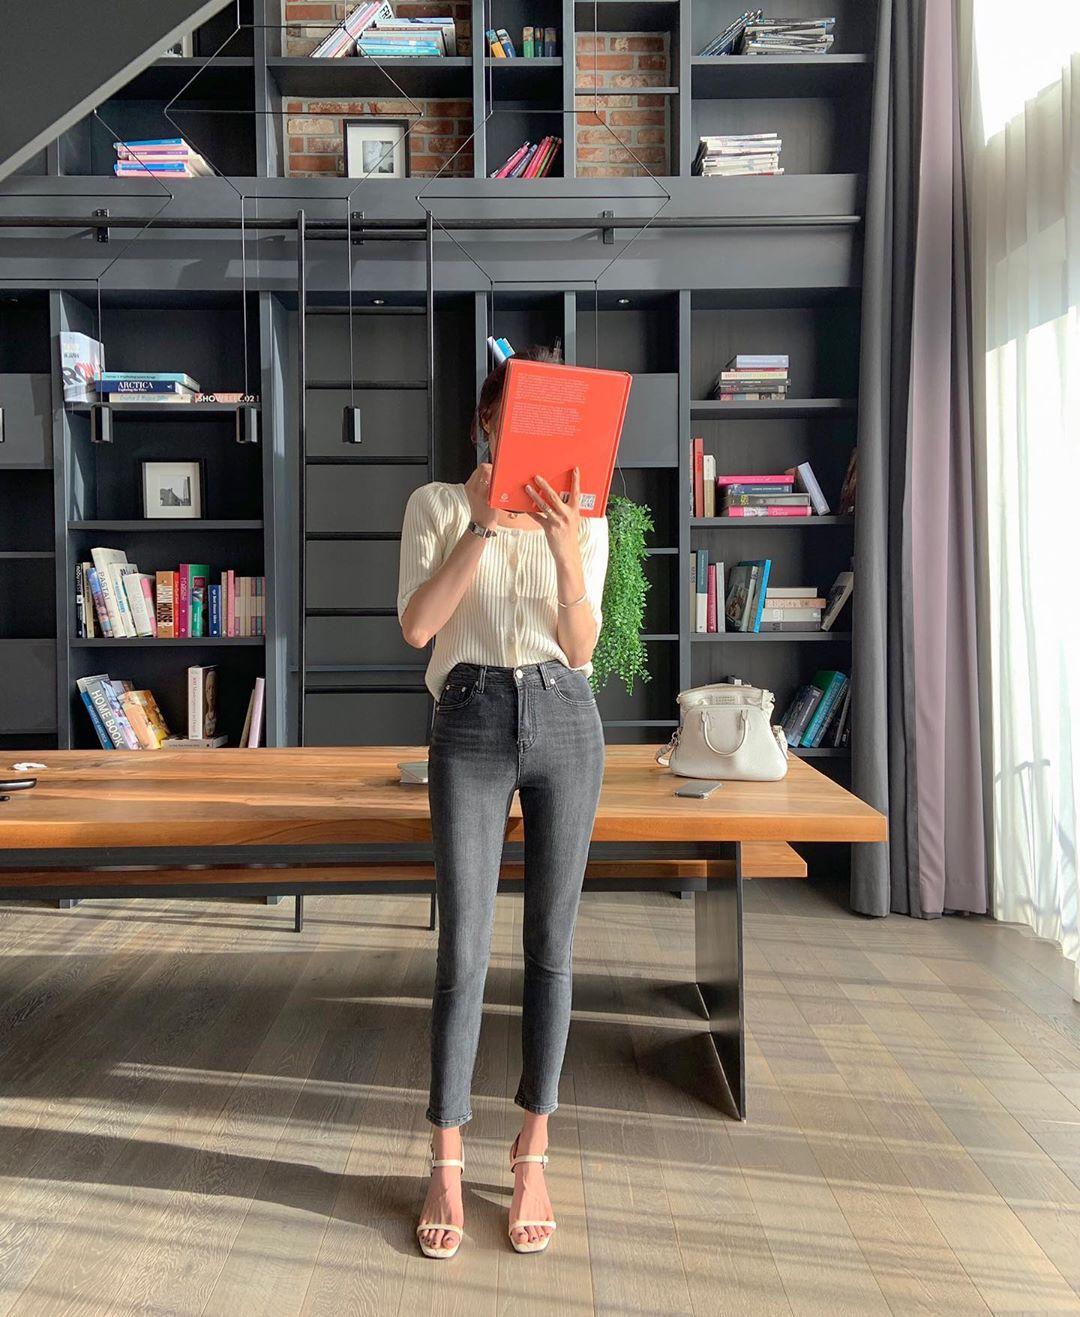 Quý cô chuyên diện quần skinny jeans gợi ý 3 kiểu giày dép kết hợp siêu ăn ý, lại còn kéo chân dài vô địch - Ảnh 5.